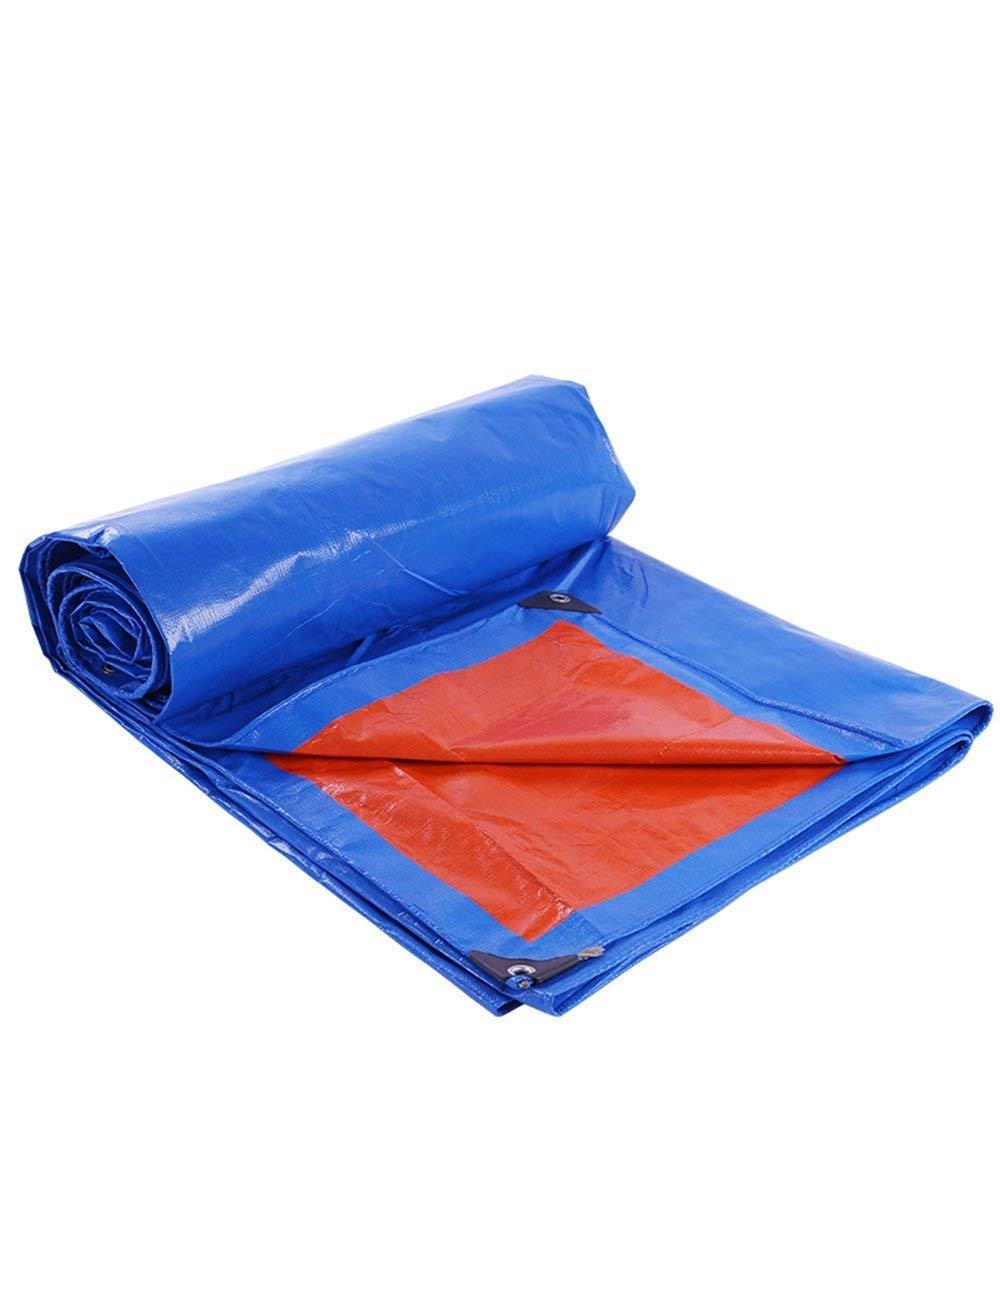 Fonly Blaue Rote Wasserdichte Plane-Abdeckung Verdicken Tarp-Zelt-kampierenden Hochleistungsfarbton